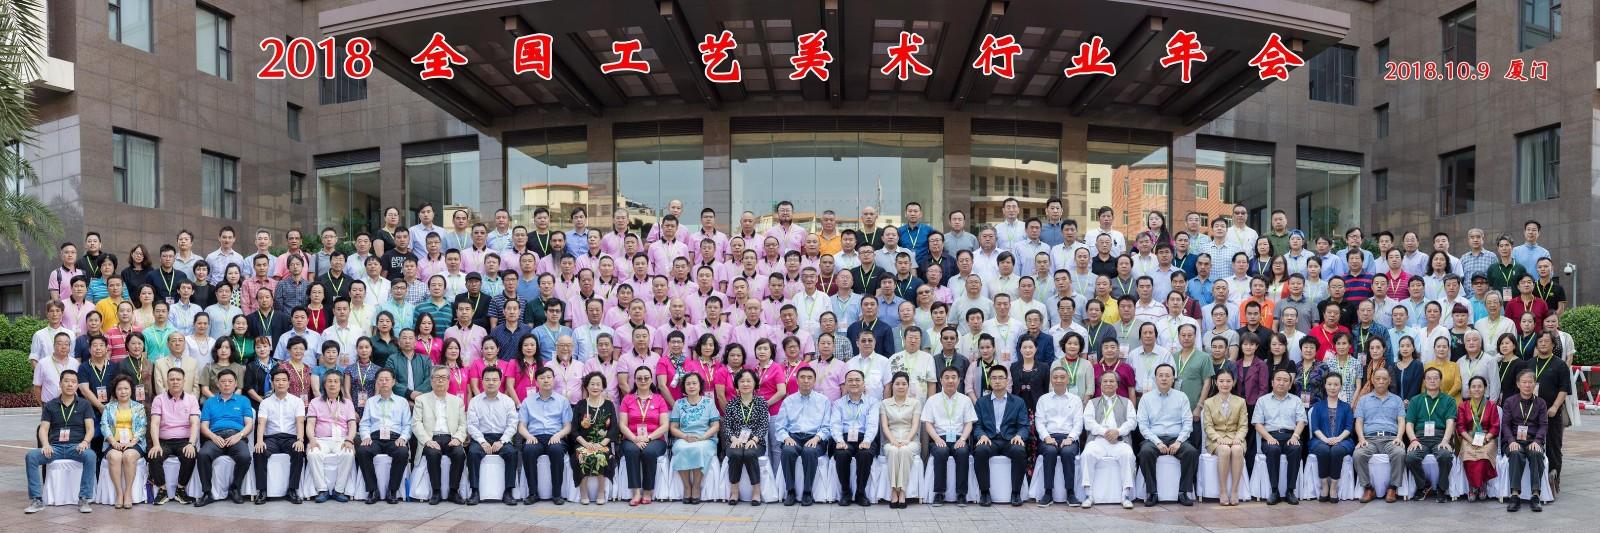 2018中国工艺美术年会.jpg